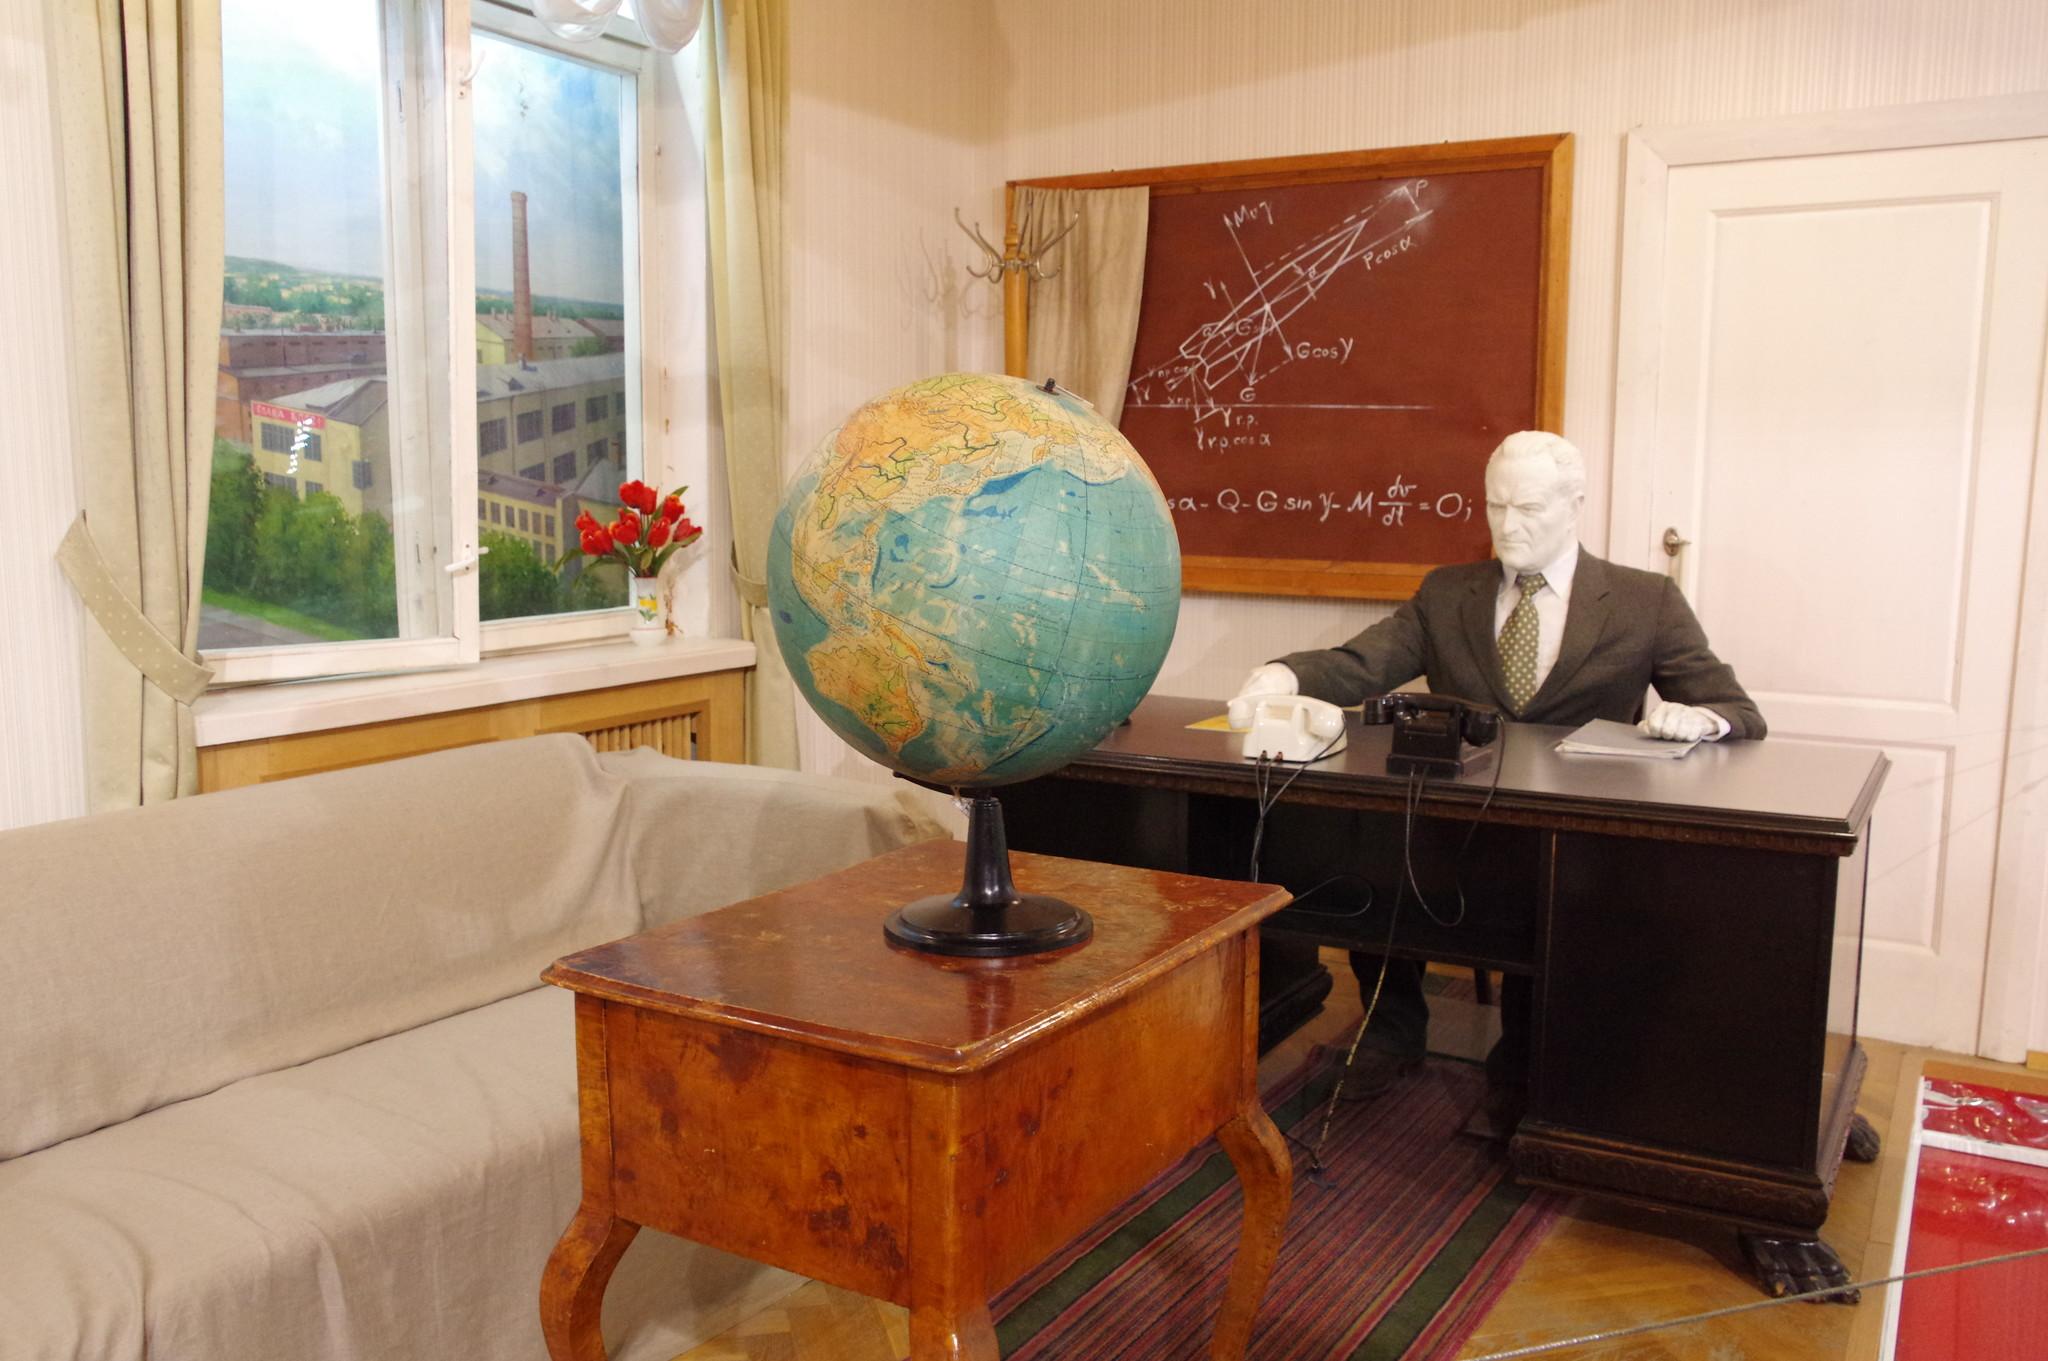 Интерьер кабинета-камнаты отдыха Главного конструктора С.П. Королёва на предприятии ОКБ-1. Мемориальный музей космонавтики в Москве